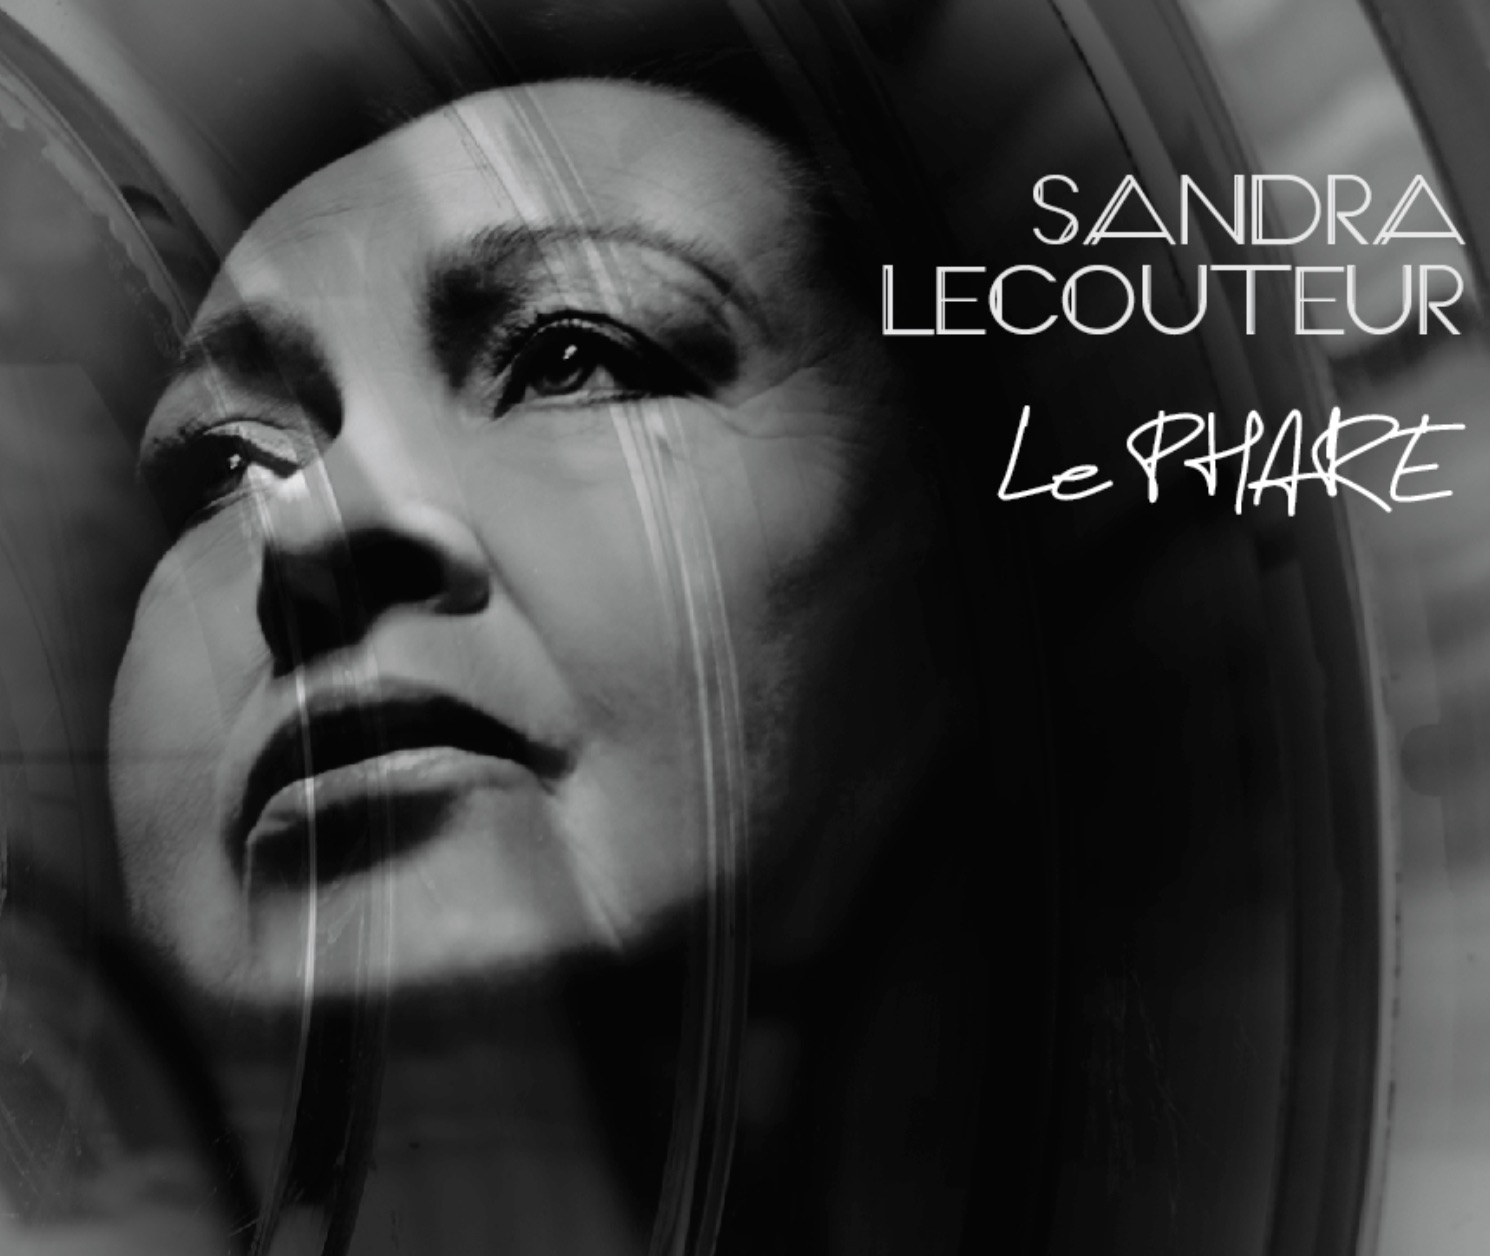 Sandra_Le_Couteur__Acadie__«_Claire_Martin_–_Agente_de_spectacles 2.jpg